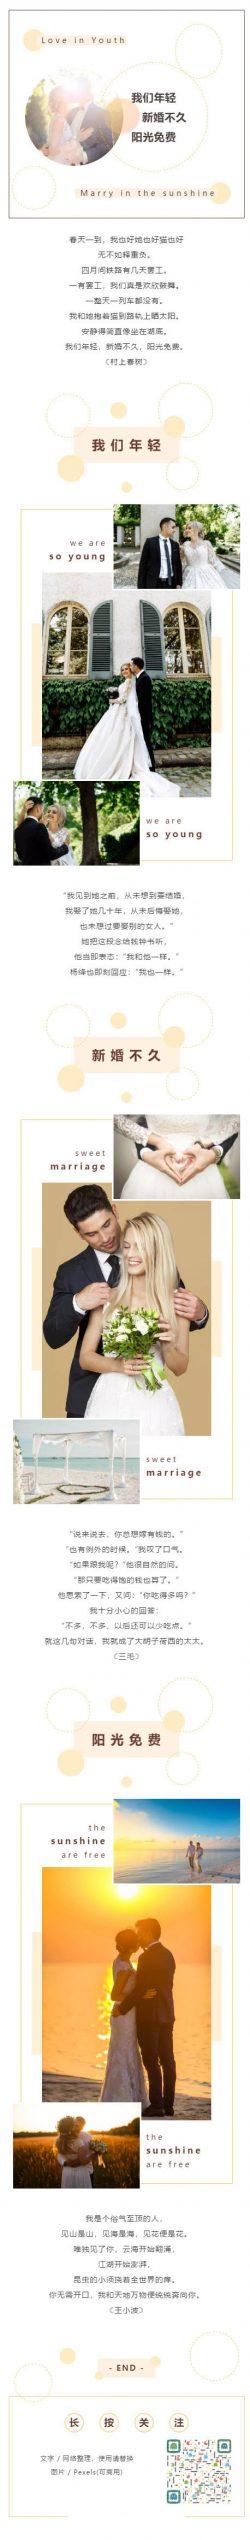 新婚婚纱婚礼微信图文模板推送推文素材